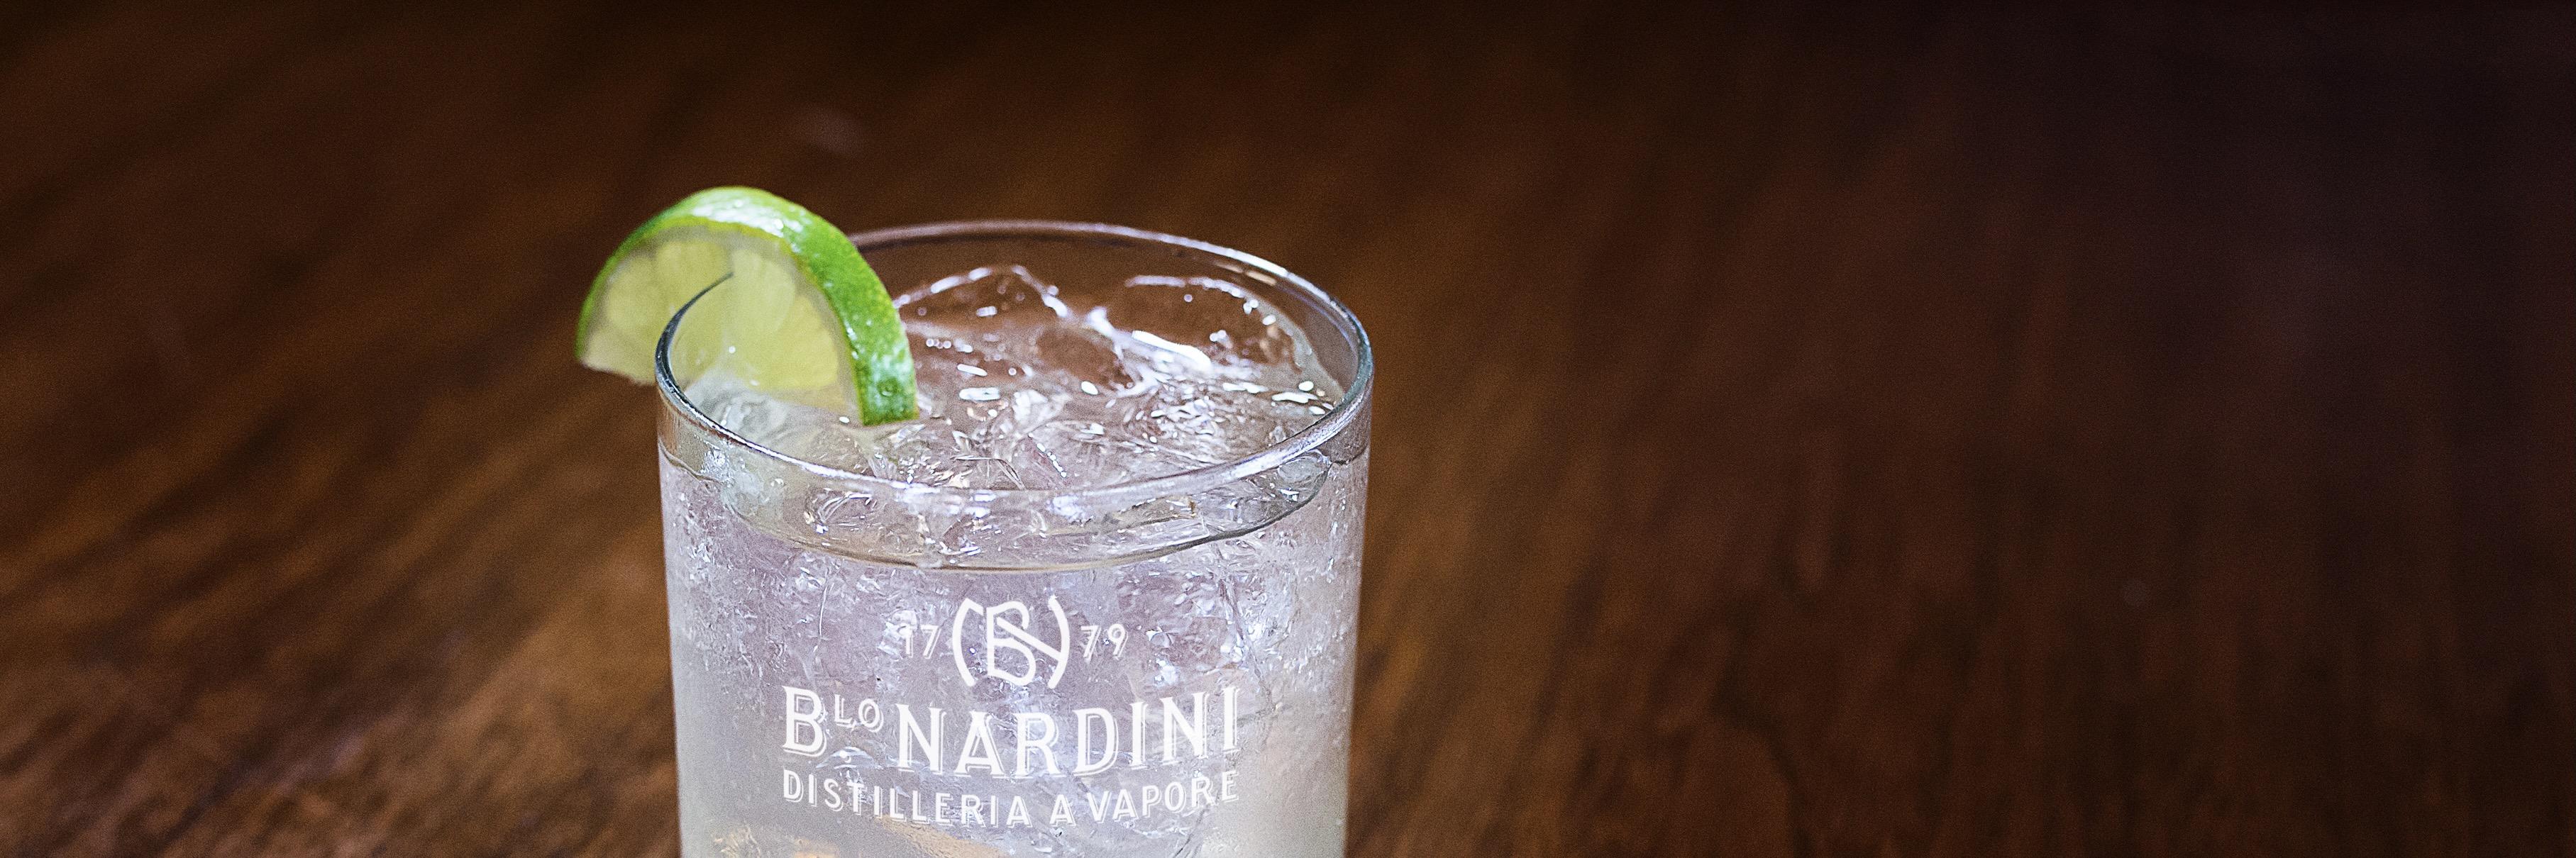 Nardini@Home: Cedro Tonic Cocktail Kit cover